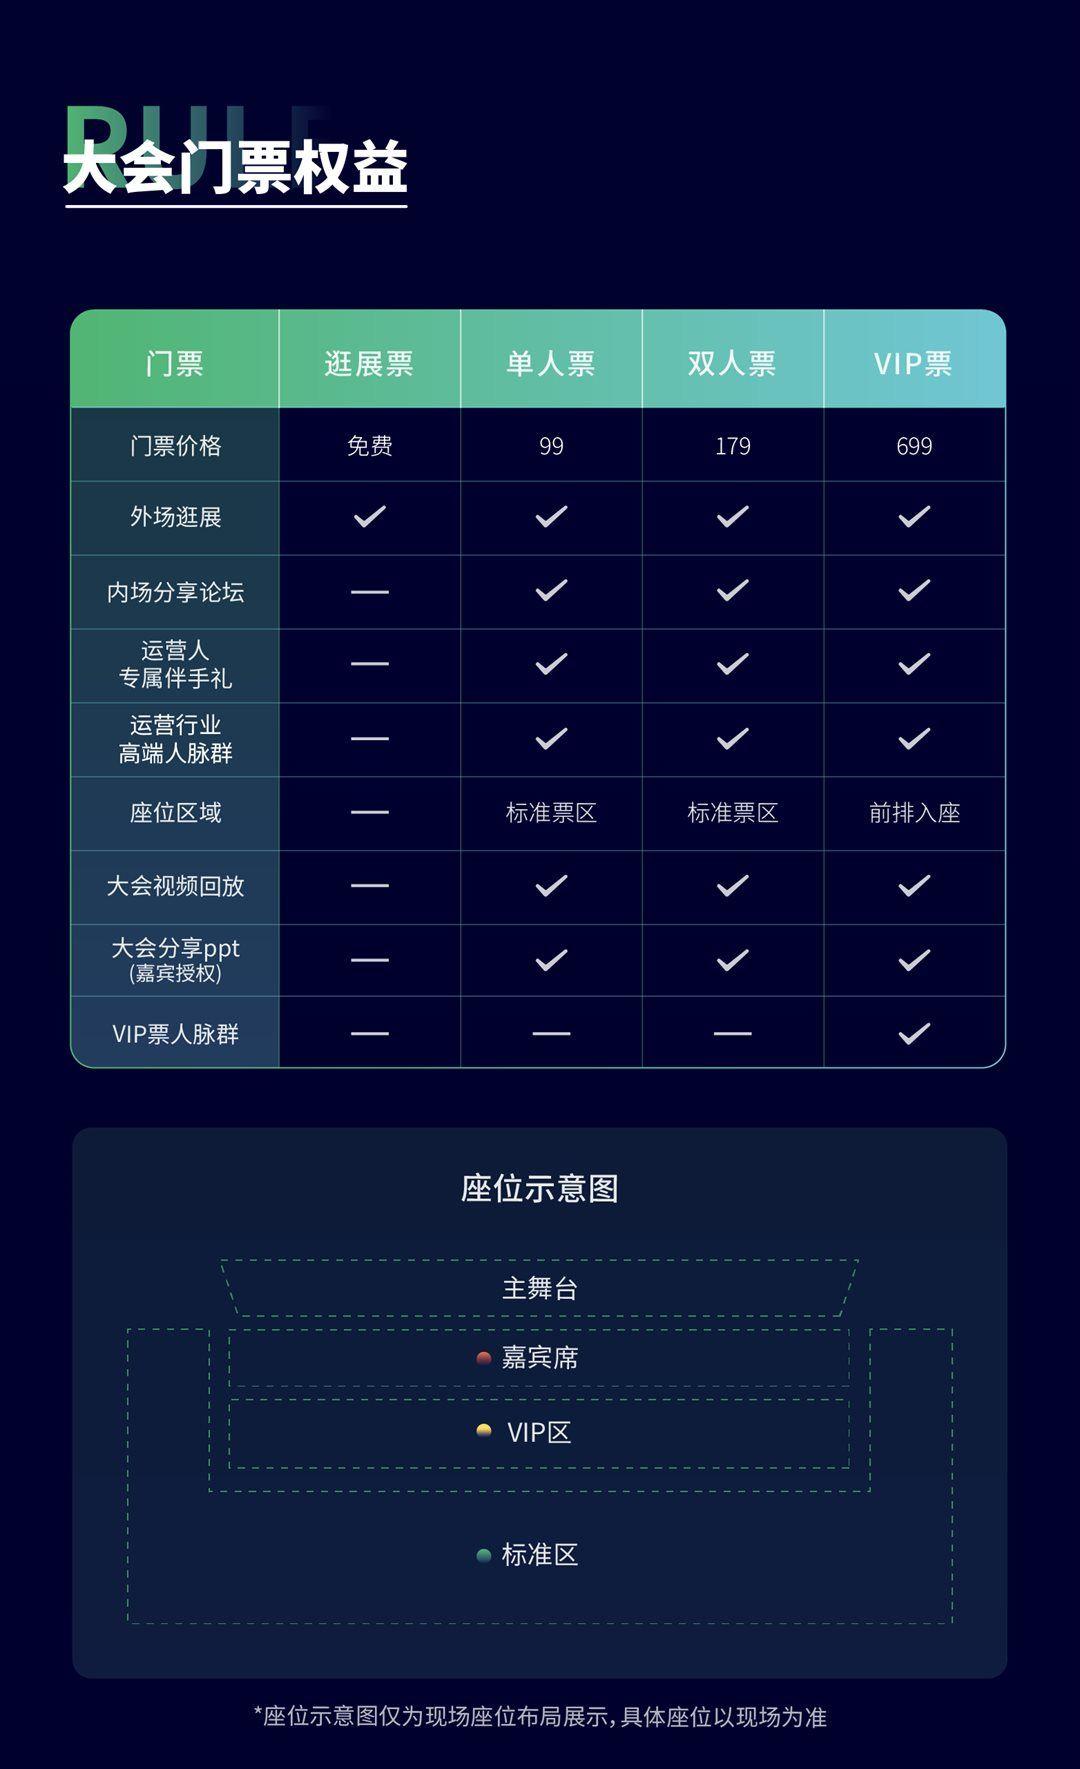 深圳权益图.png